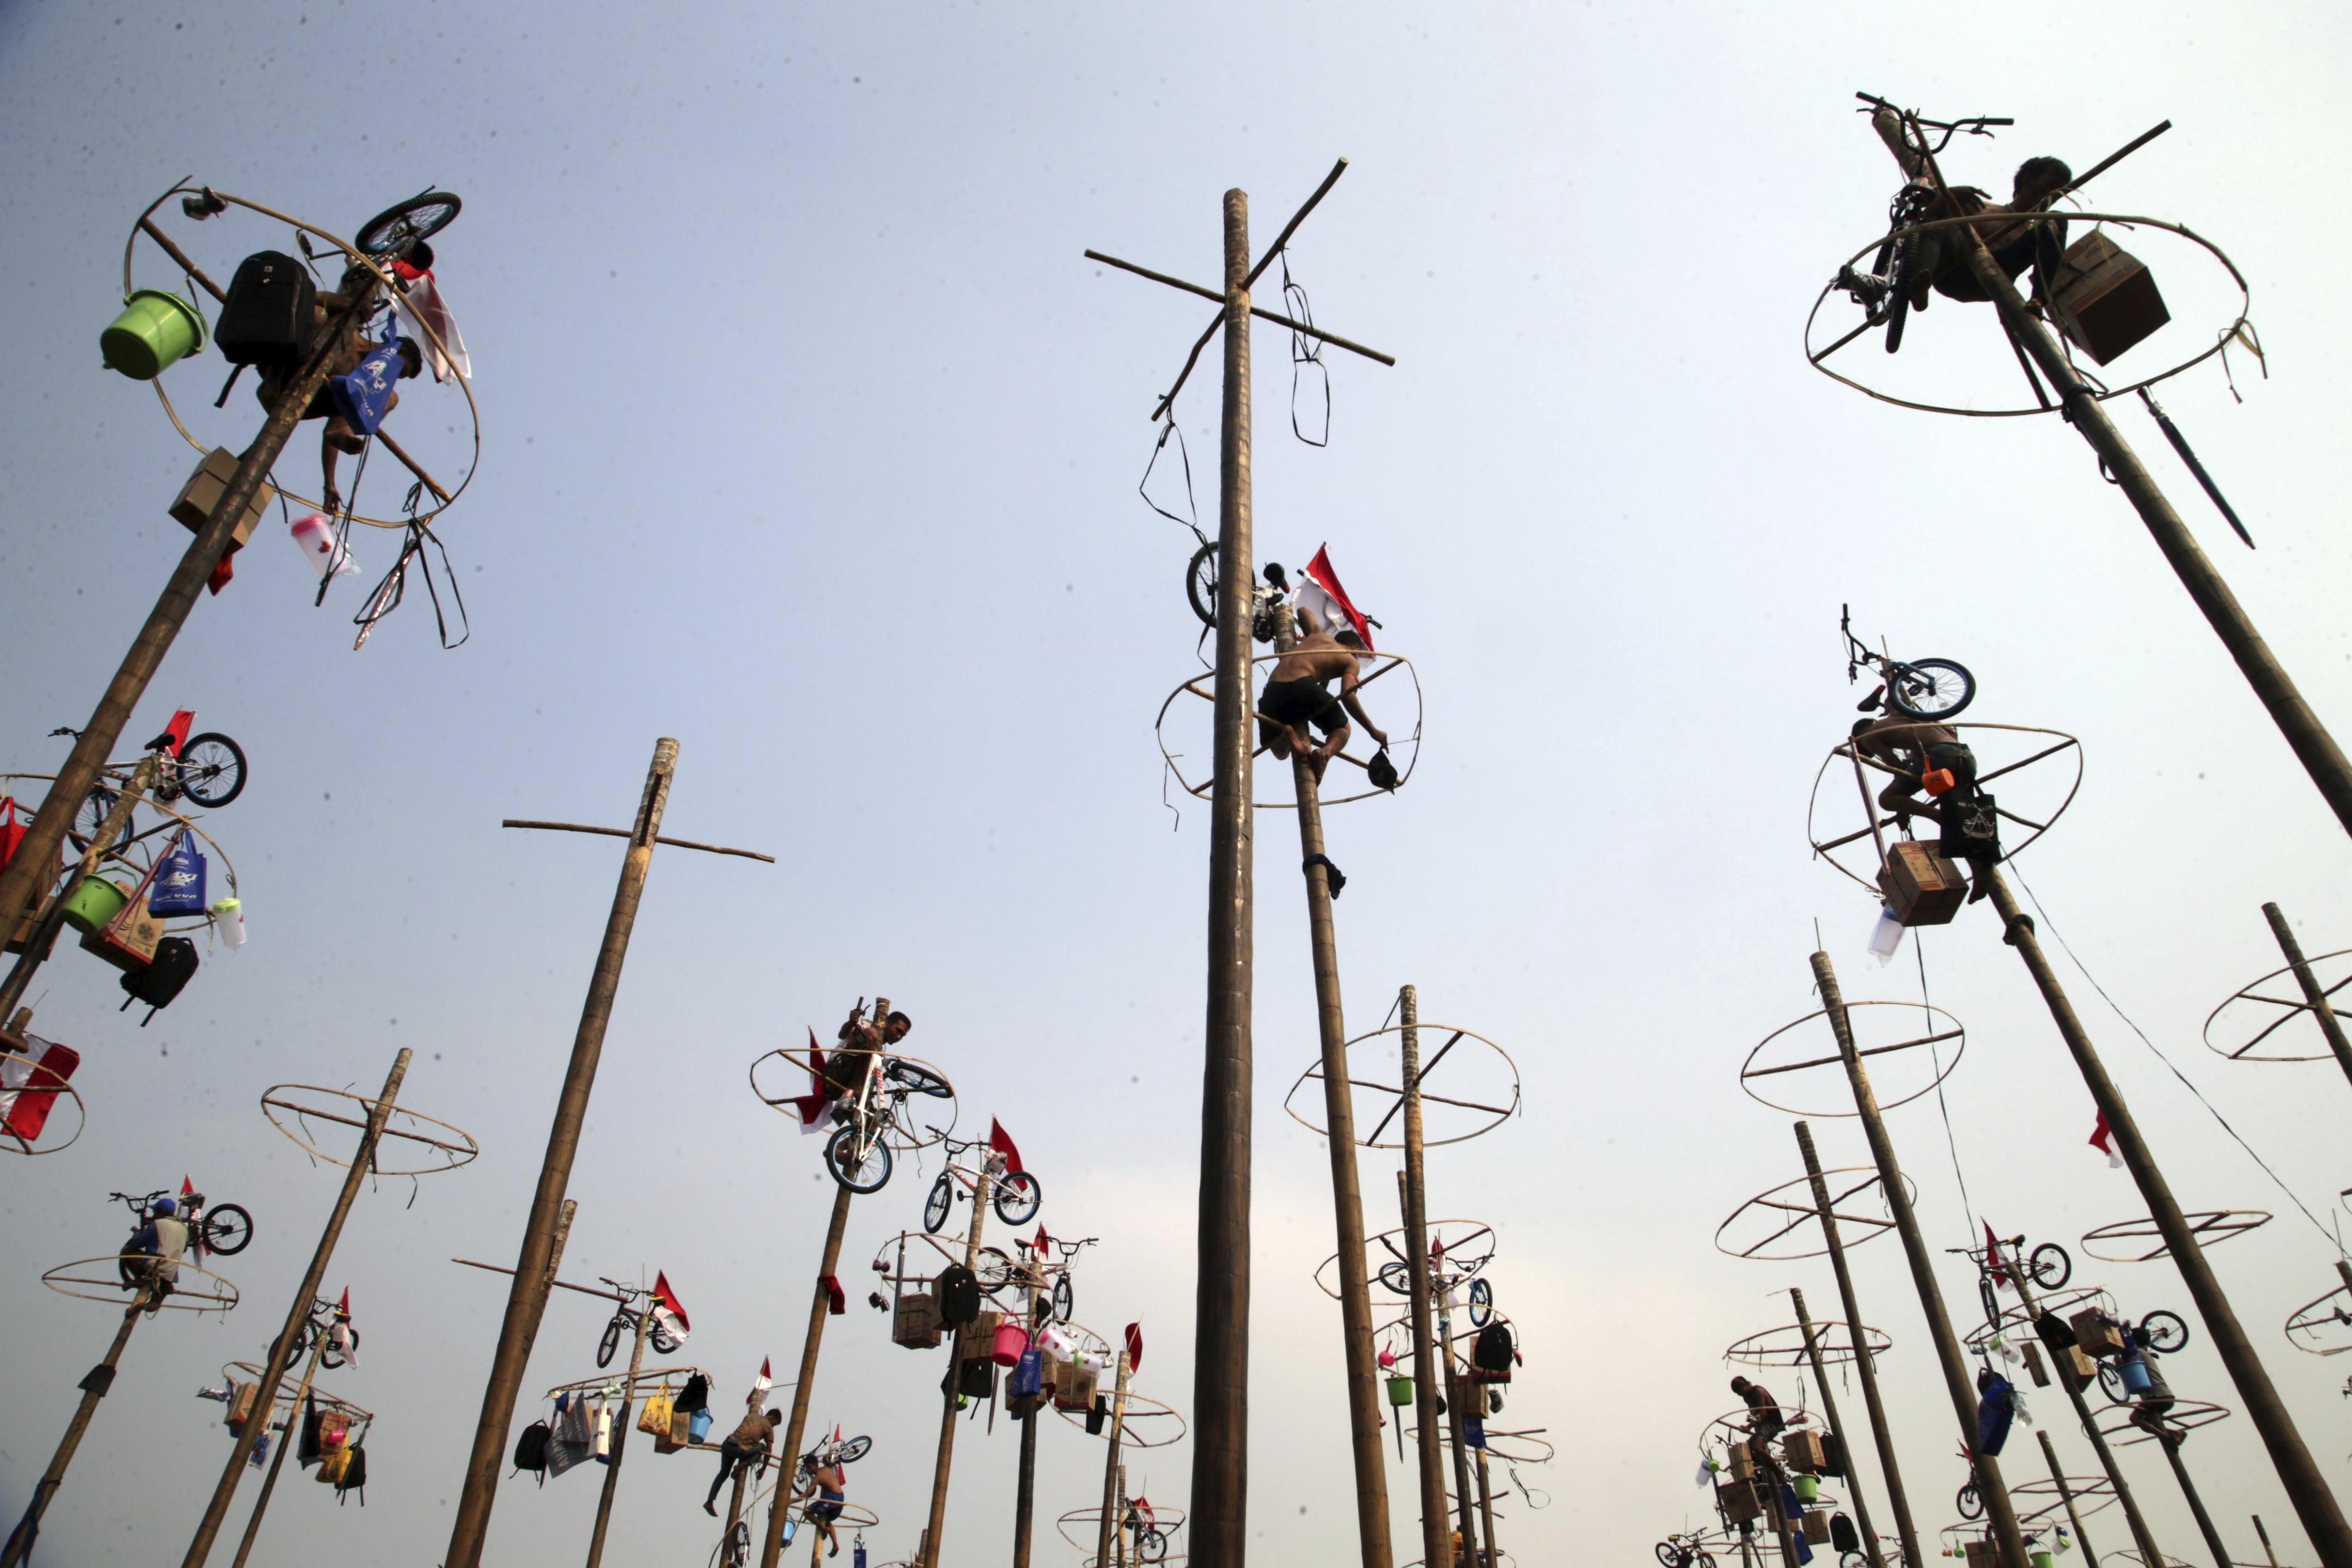 Diversos ciutadans competeixen per aconseguir els regals penjats als pals durant les celebracions pel 72º Dia de la Independència a Jakarta (Indonèsia). /BAGUS INDAHONO